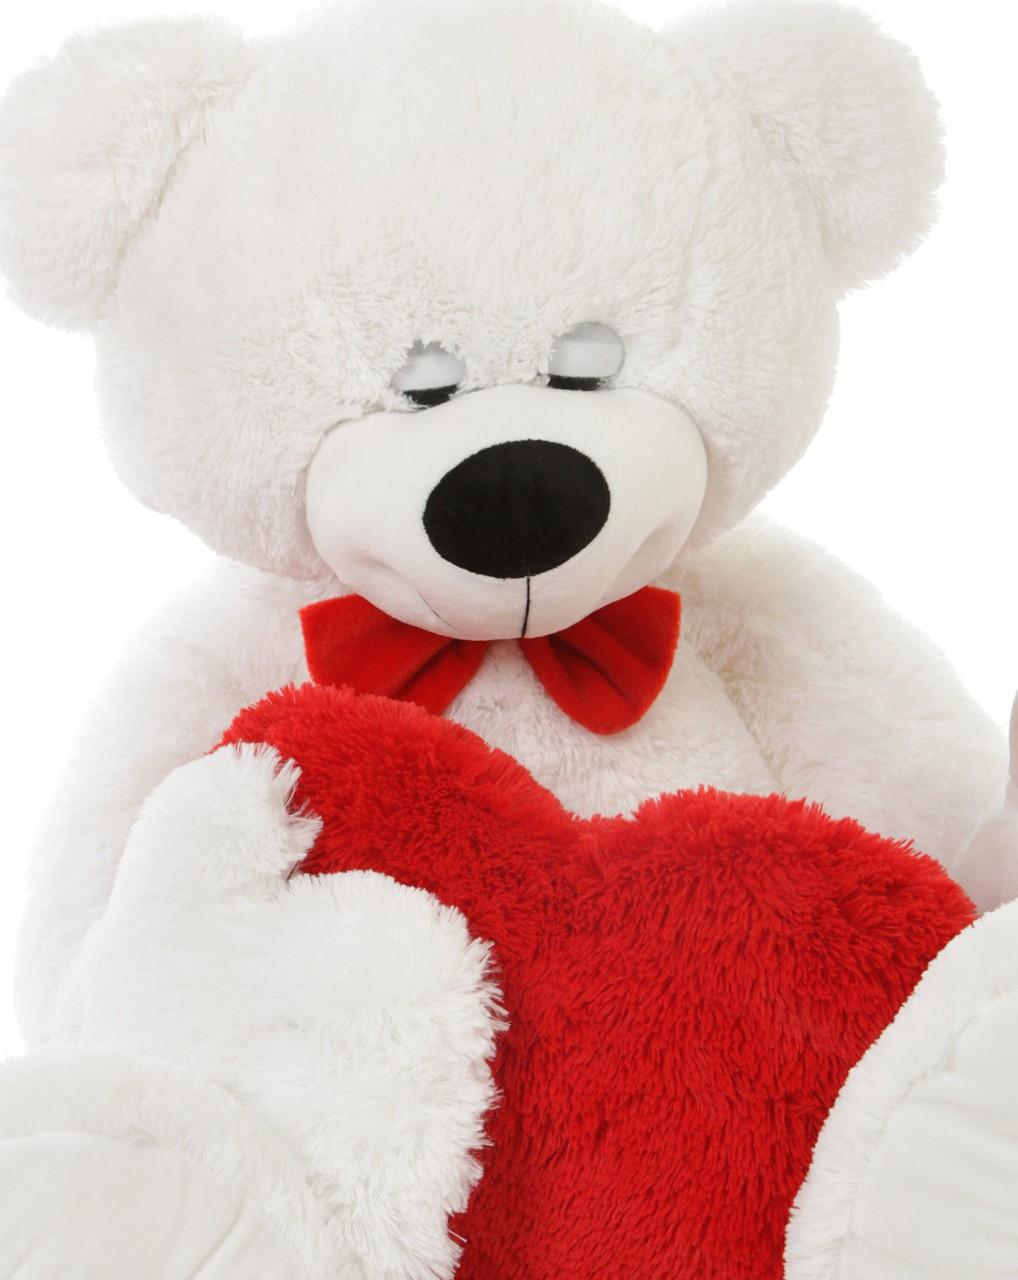 Big White Teddy Bear with Heart, Dazey Mittens 3 1/2 feet, Valentine's Gift